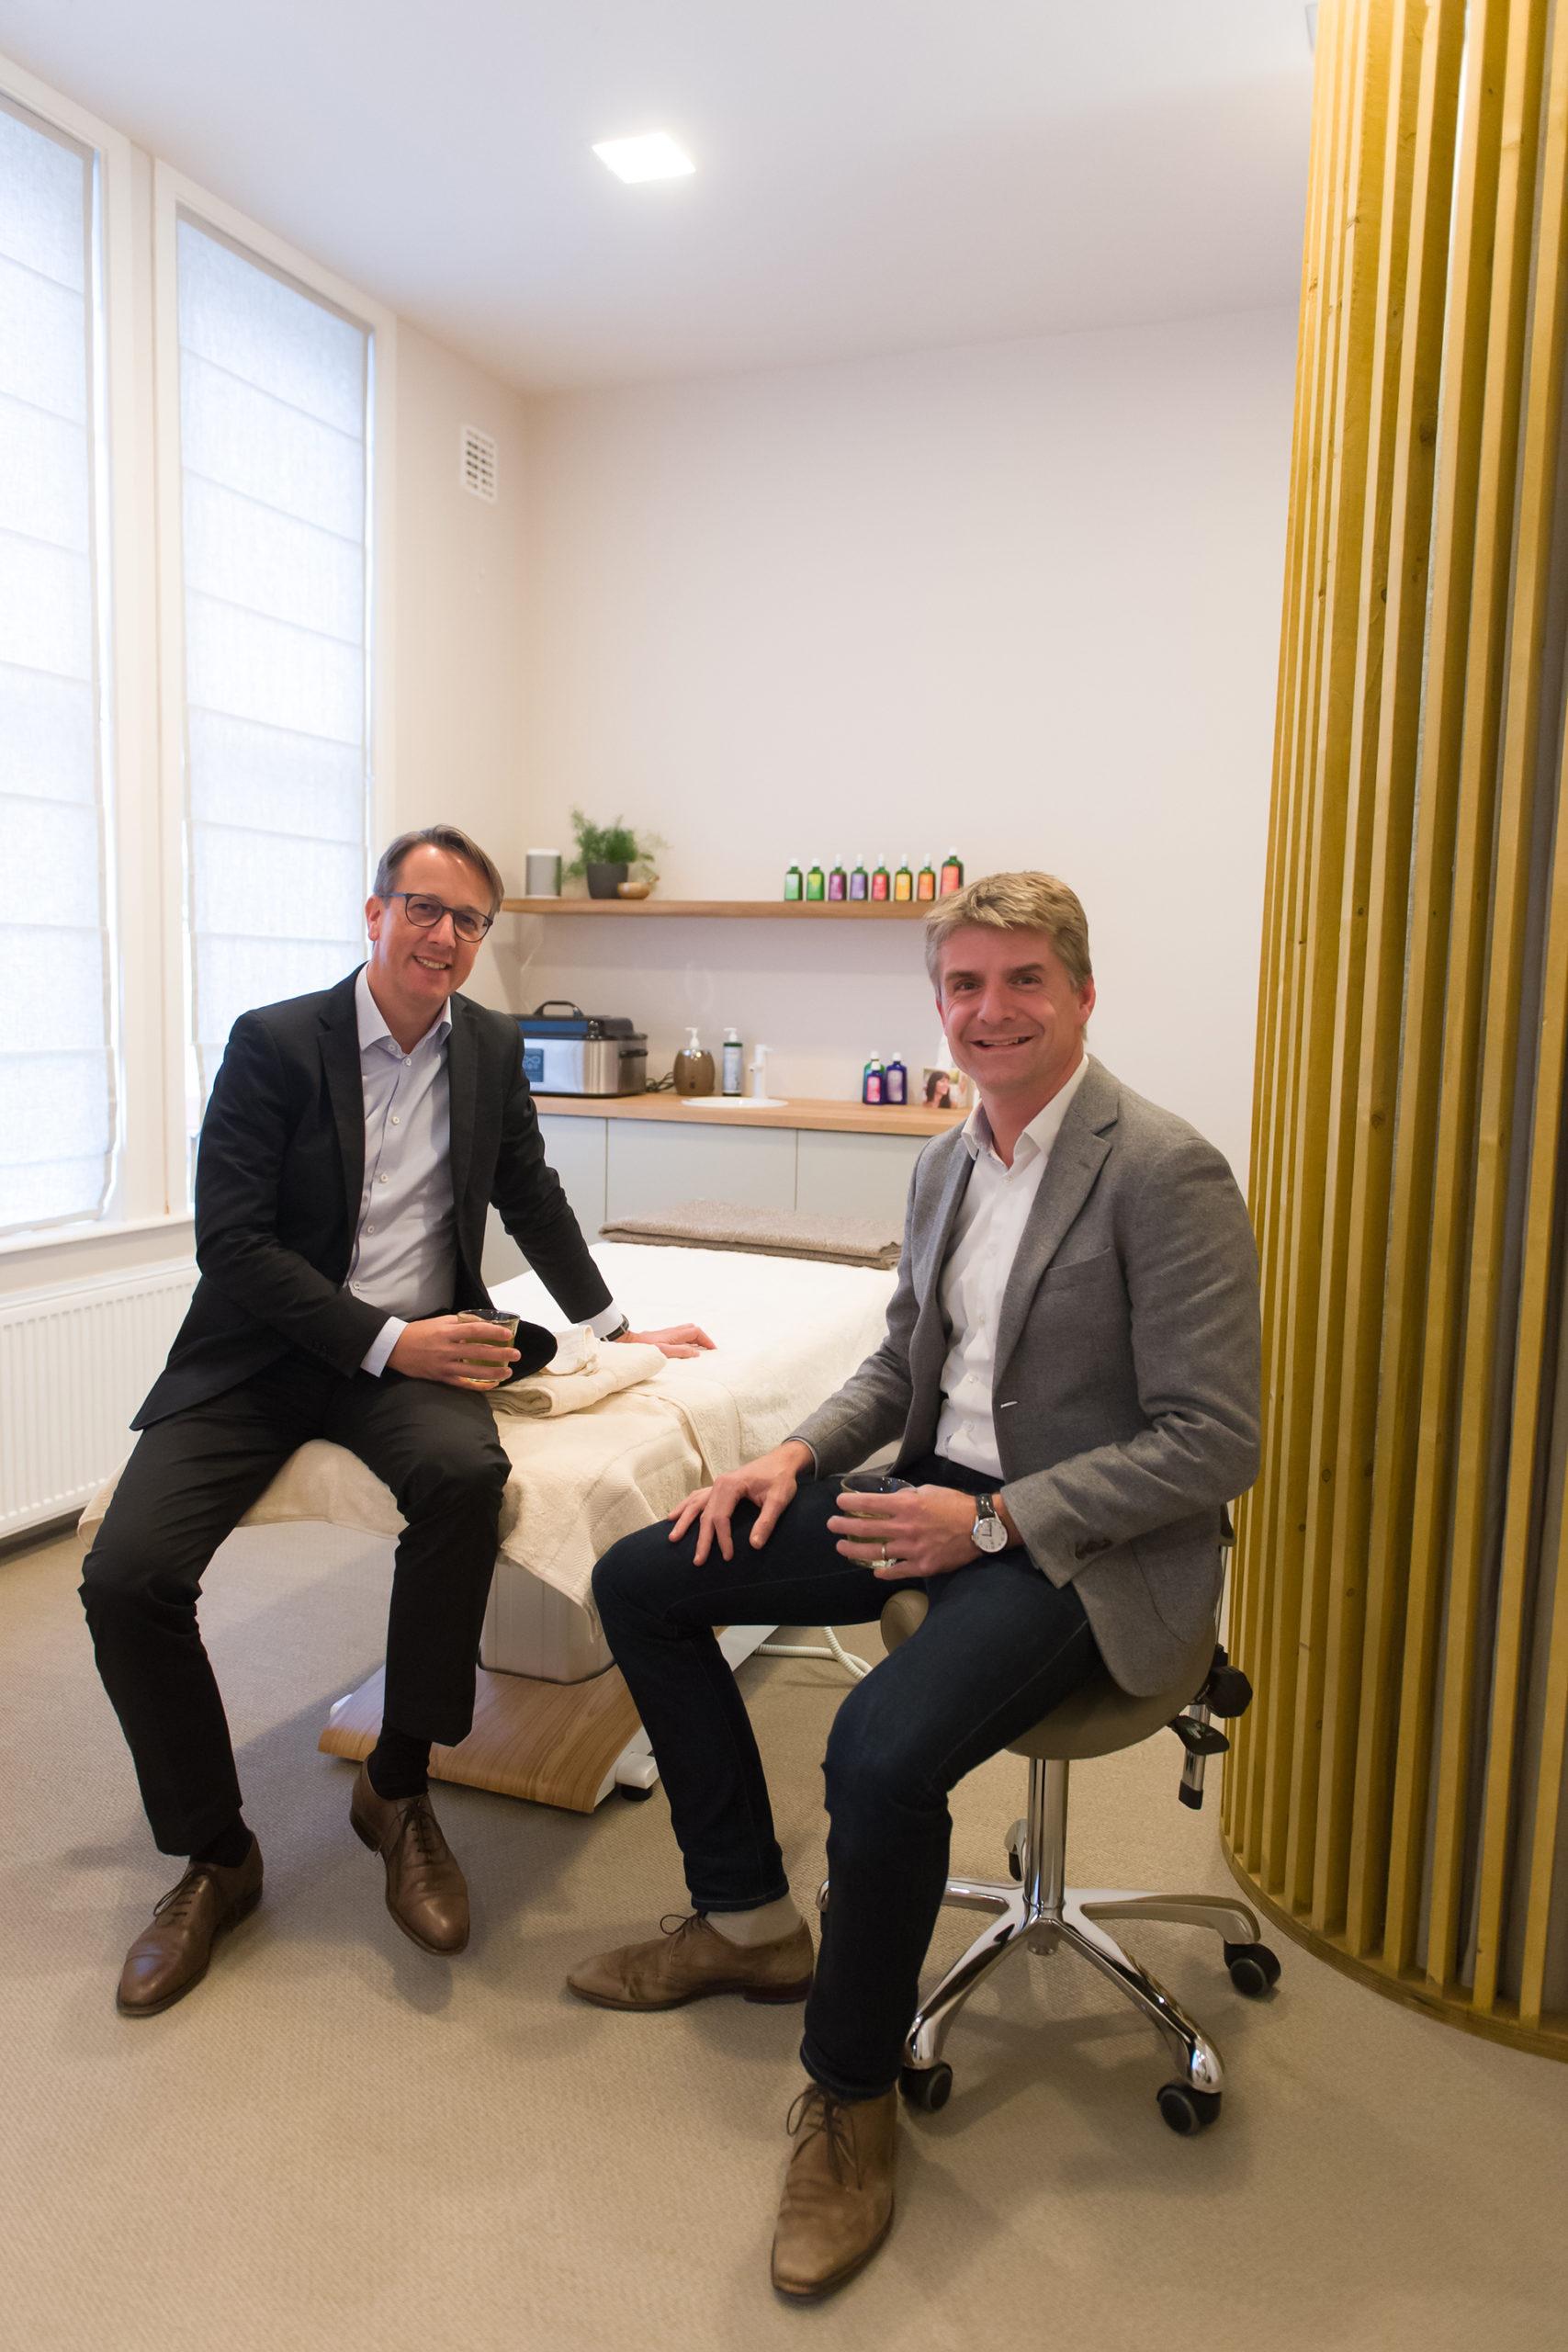 Haben gut lachen: Weleda CCO Andreas Sommer und Marc van Boven, Geschäftsführer von Weleda Benelux